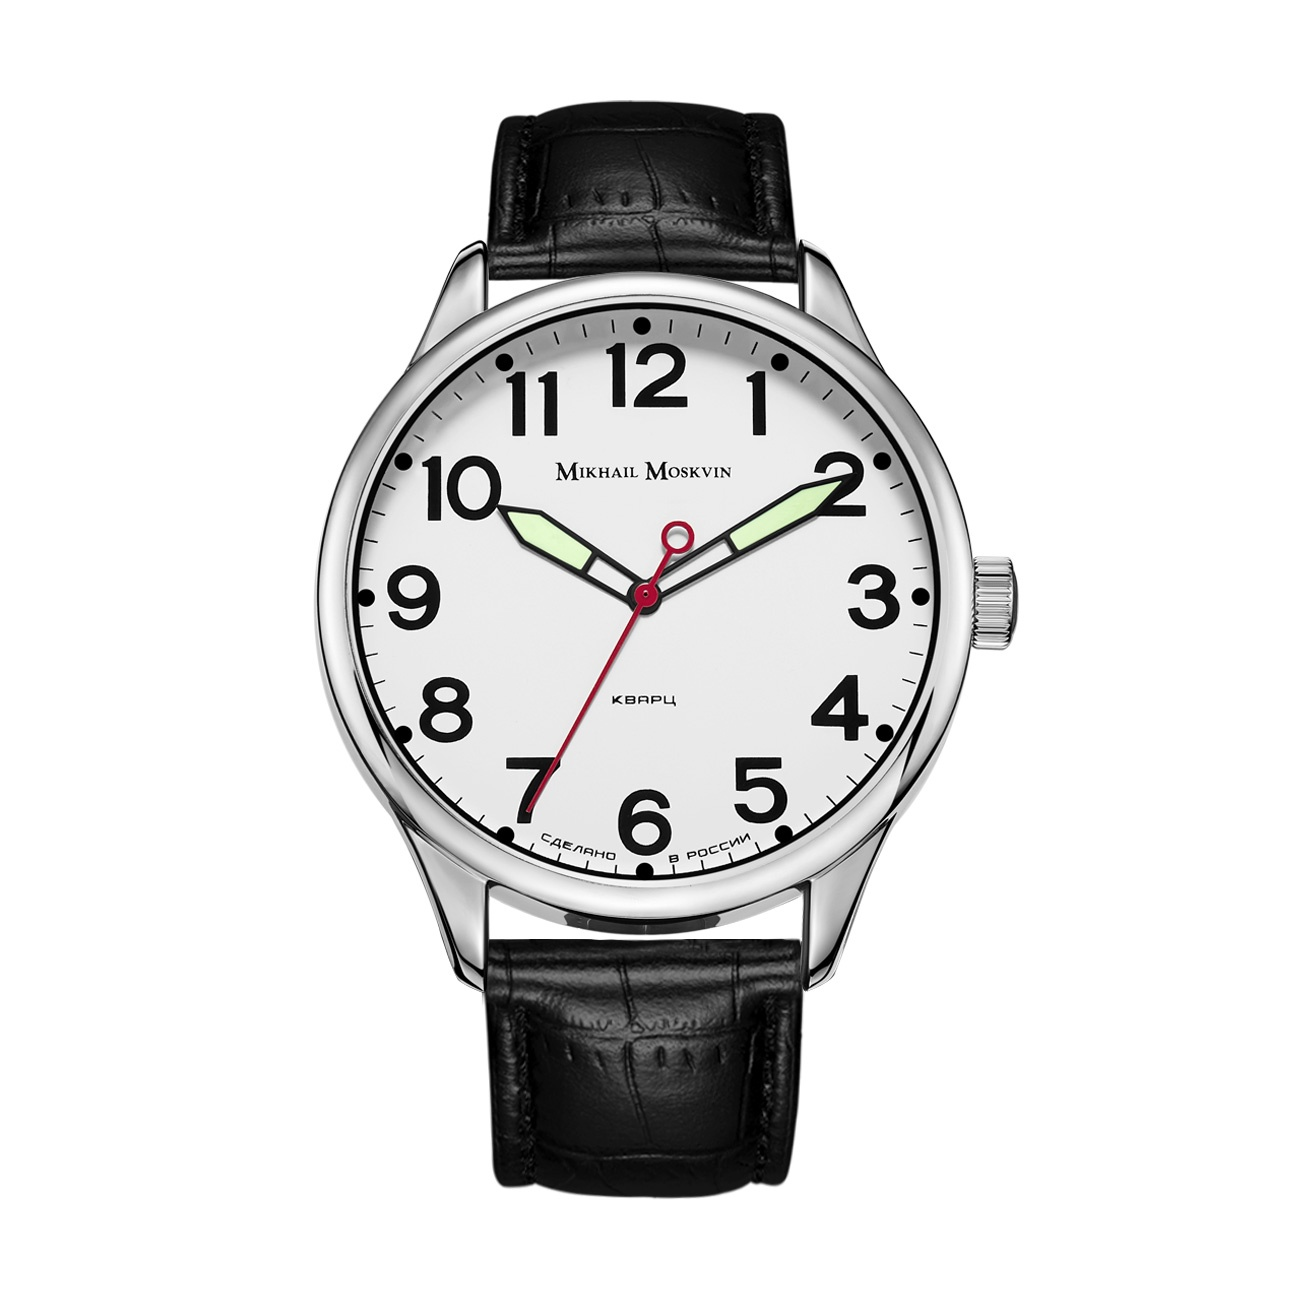 лучшая цена Часы Mikhail Moskvin 1201A1L3